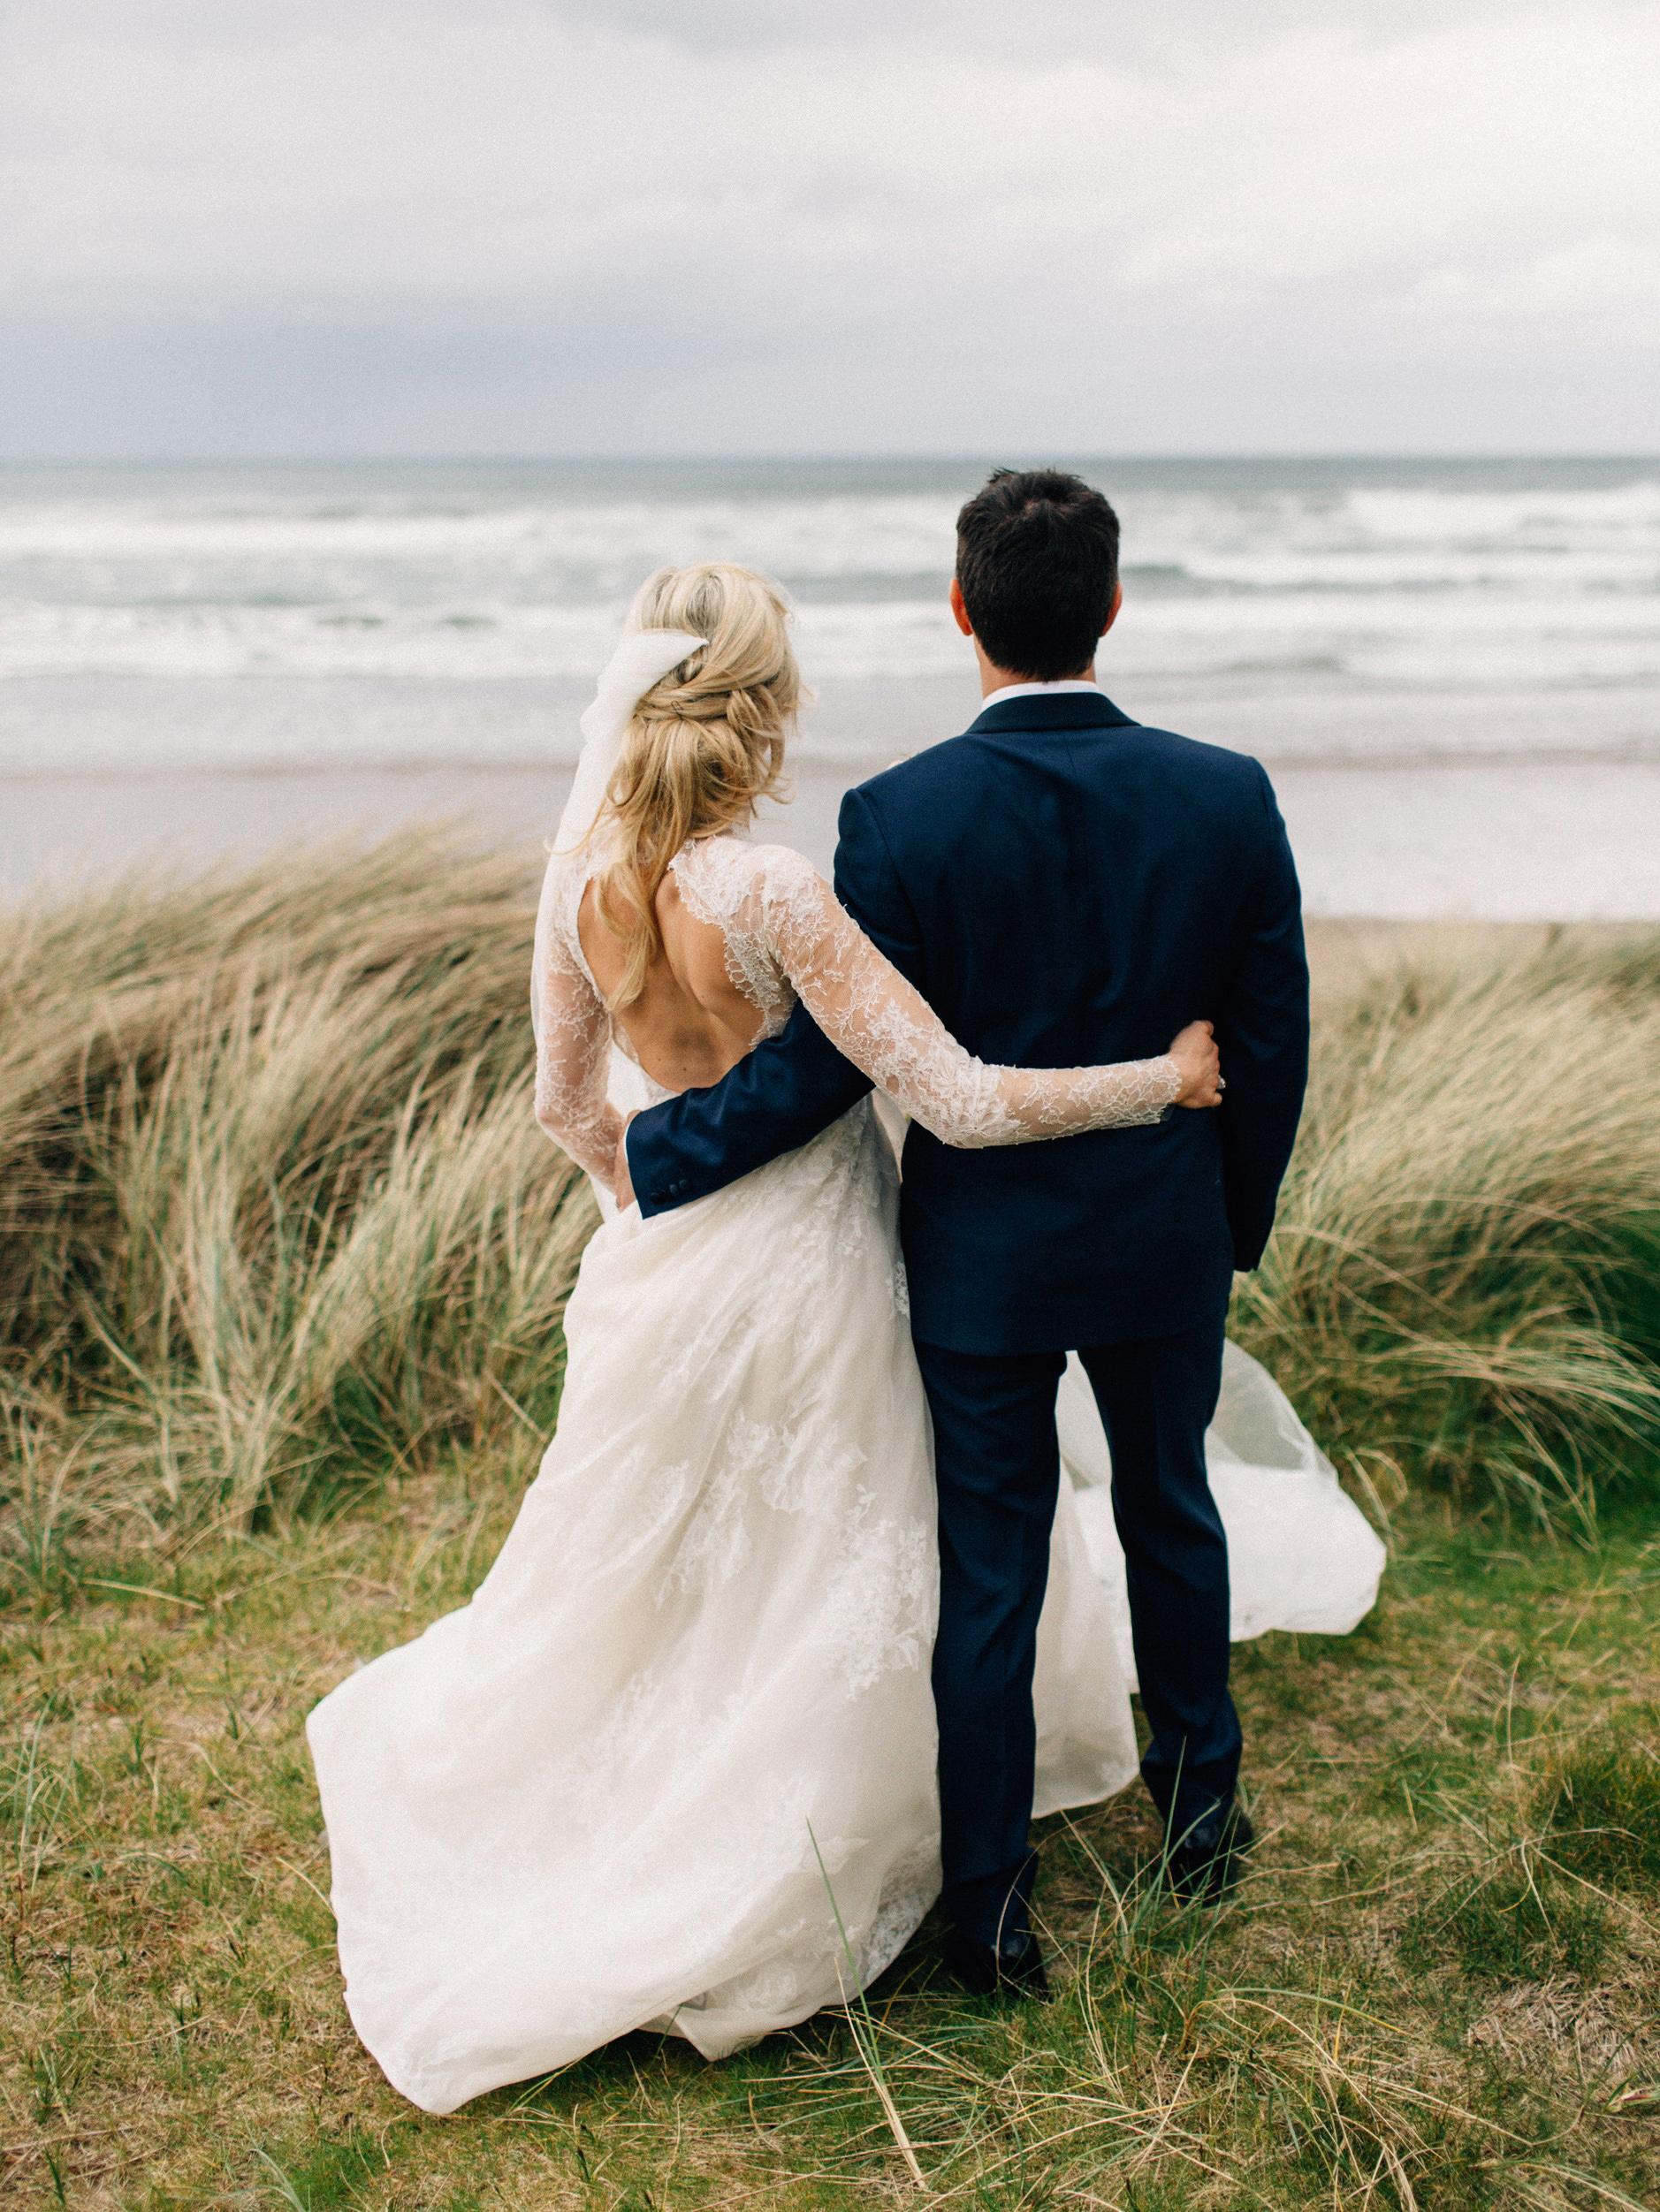 simone darren wedding ireland couple looking away backs